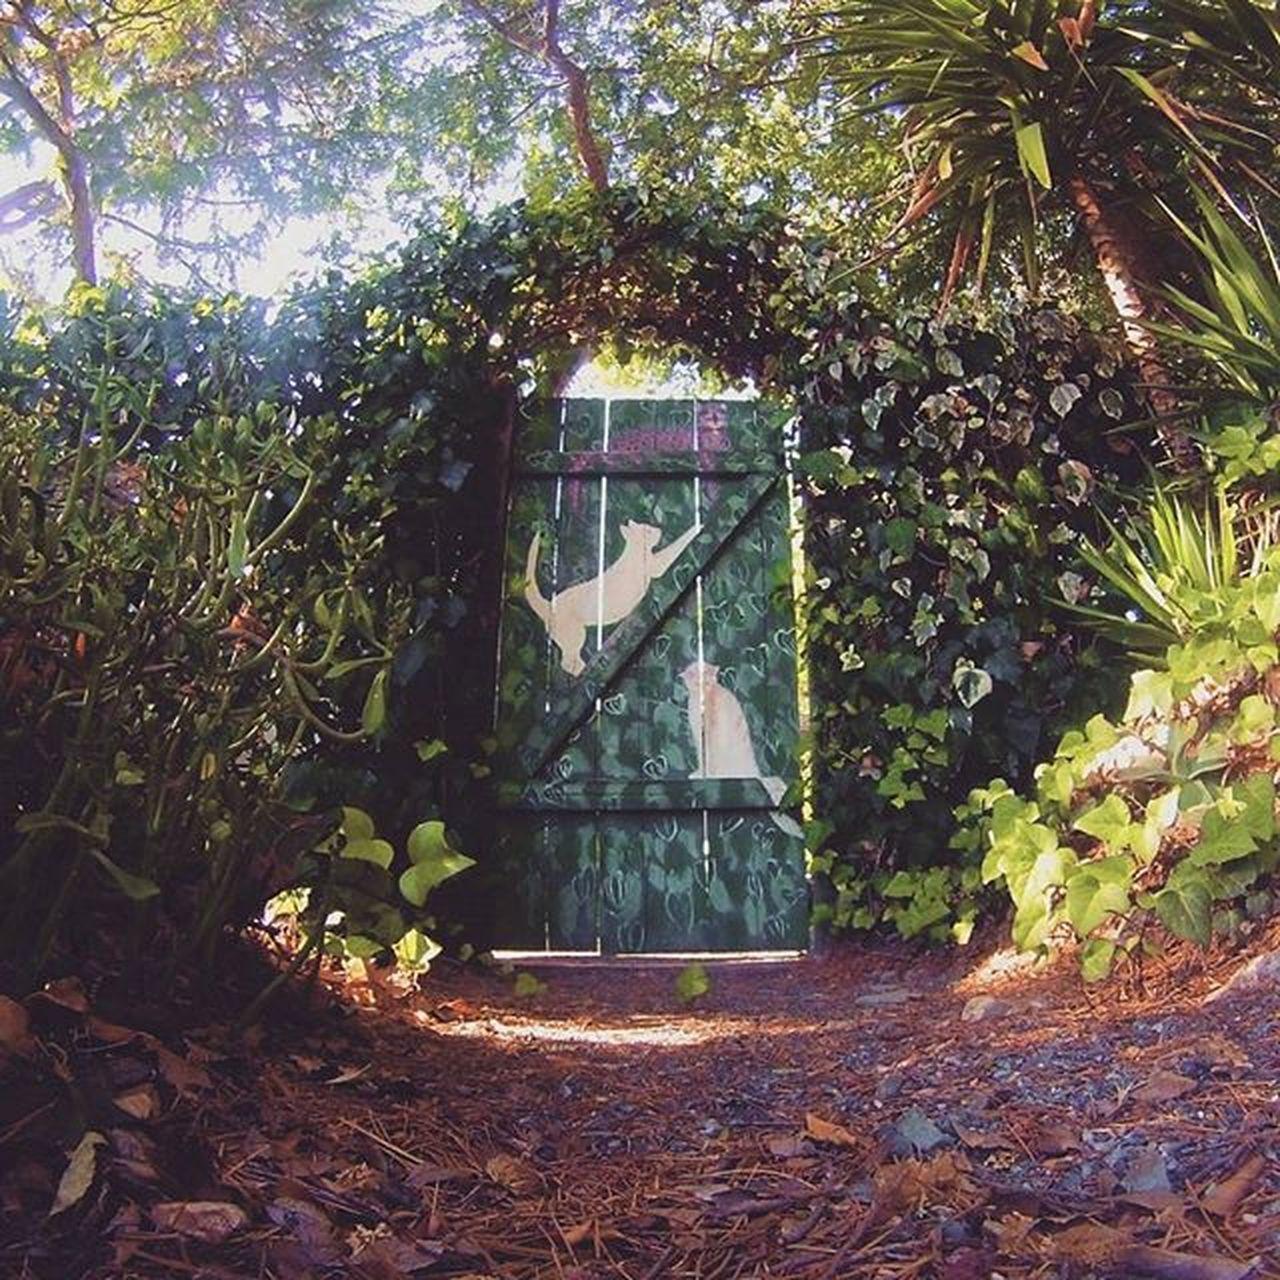 Wonders behind Alice's door. Gopro Robertsonpark Catdoor Wonders wanderlust aliceinwonderland goprofun hero3